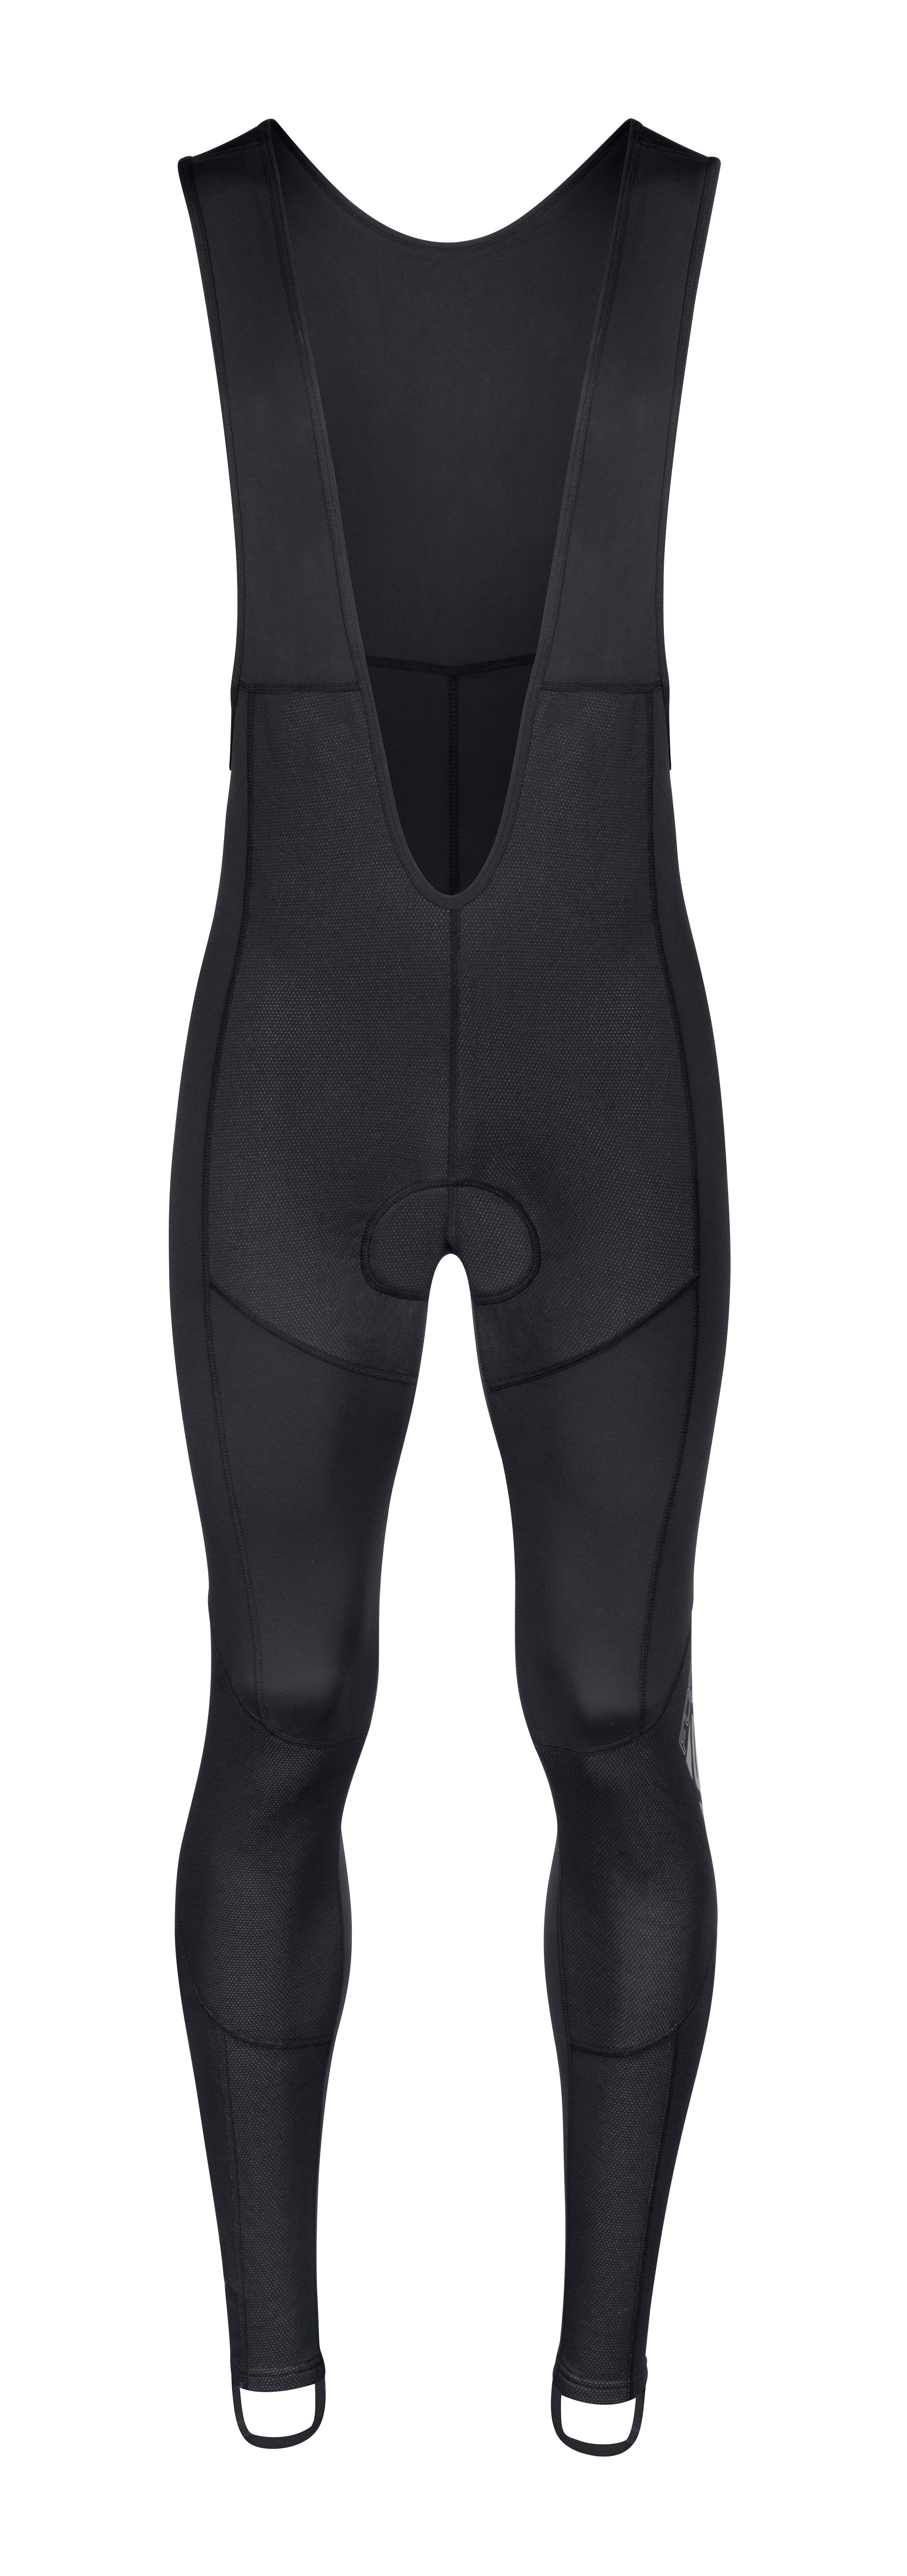 kalhoty F SHARD WINDSTER se šráky a vl, črn S